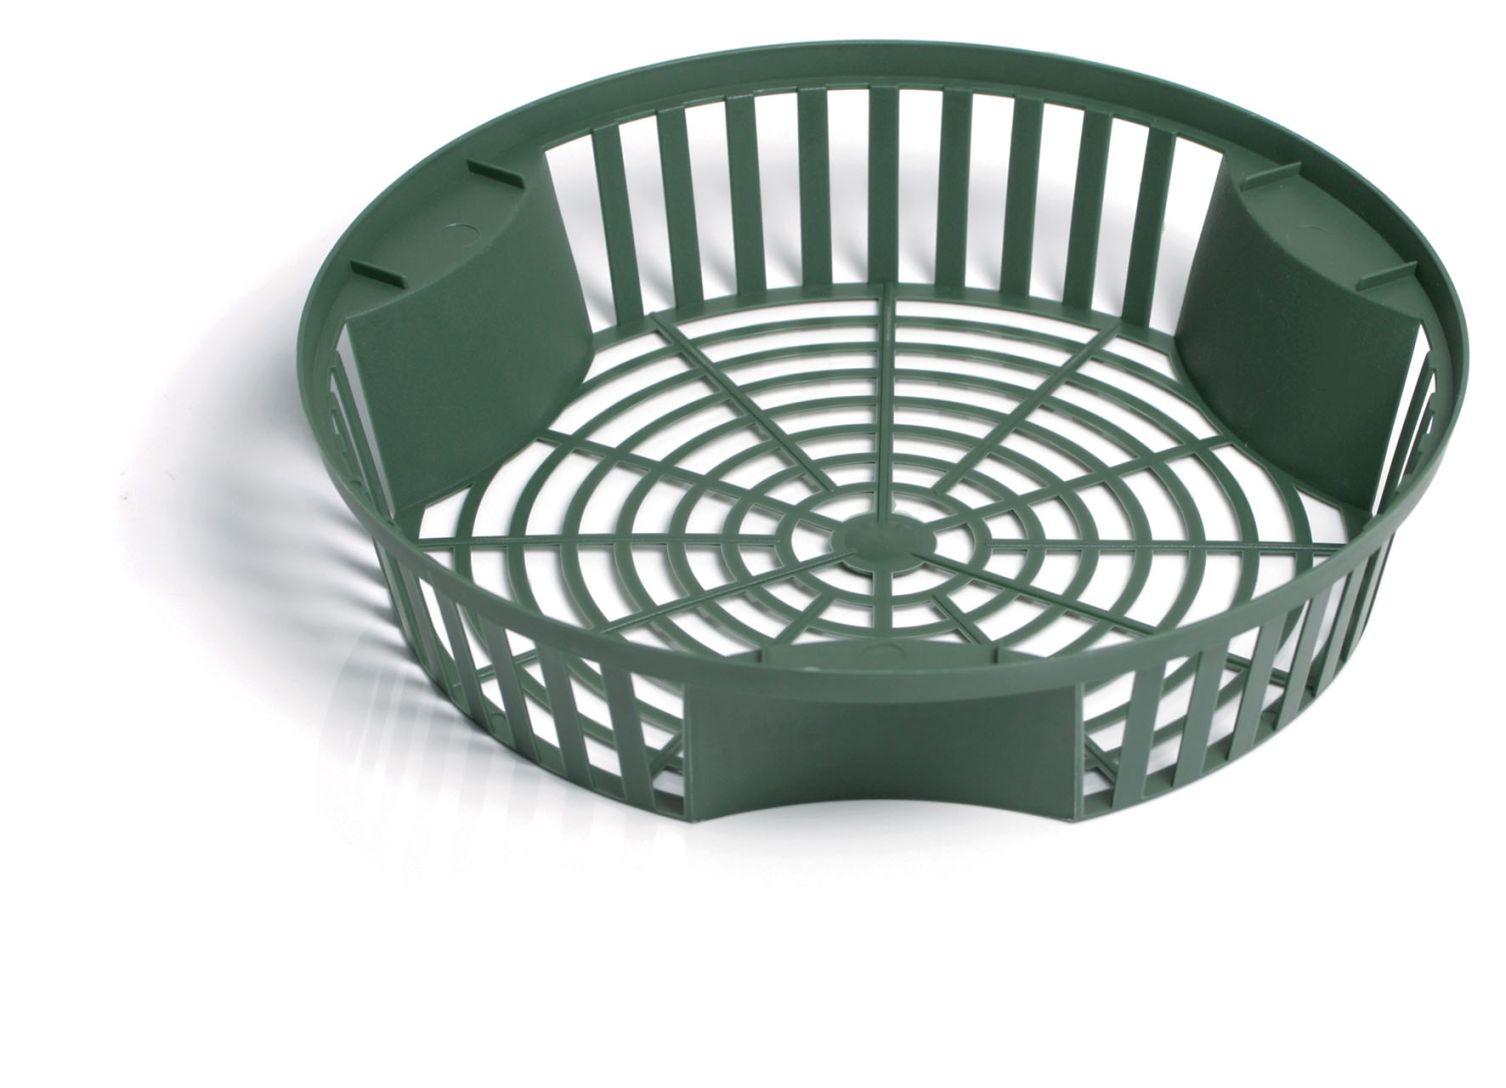 PROSPERPLAST Košík na cibuloviny ONION II tm.zelený 31,5cm